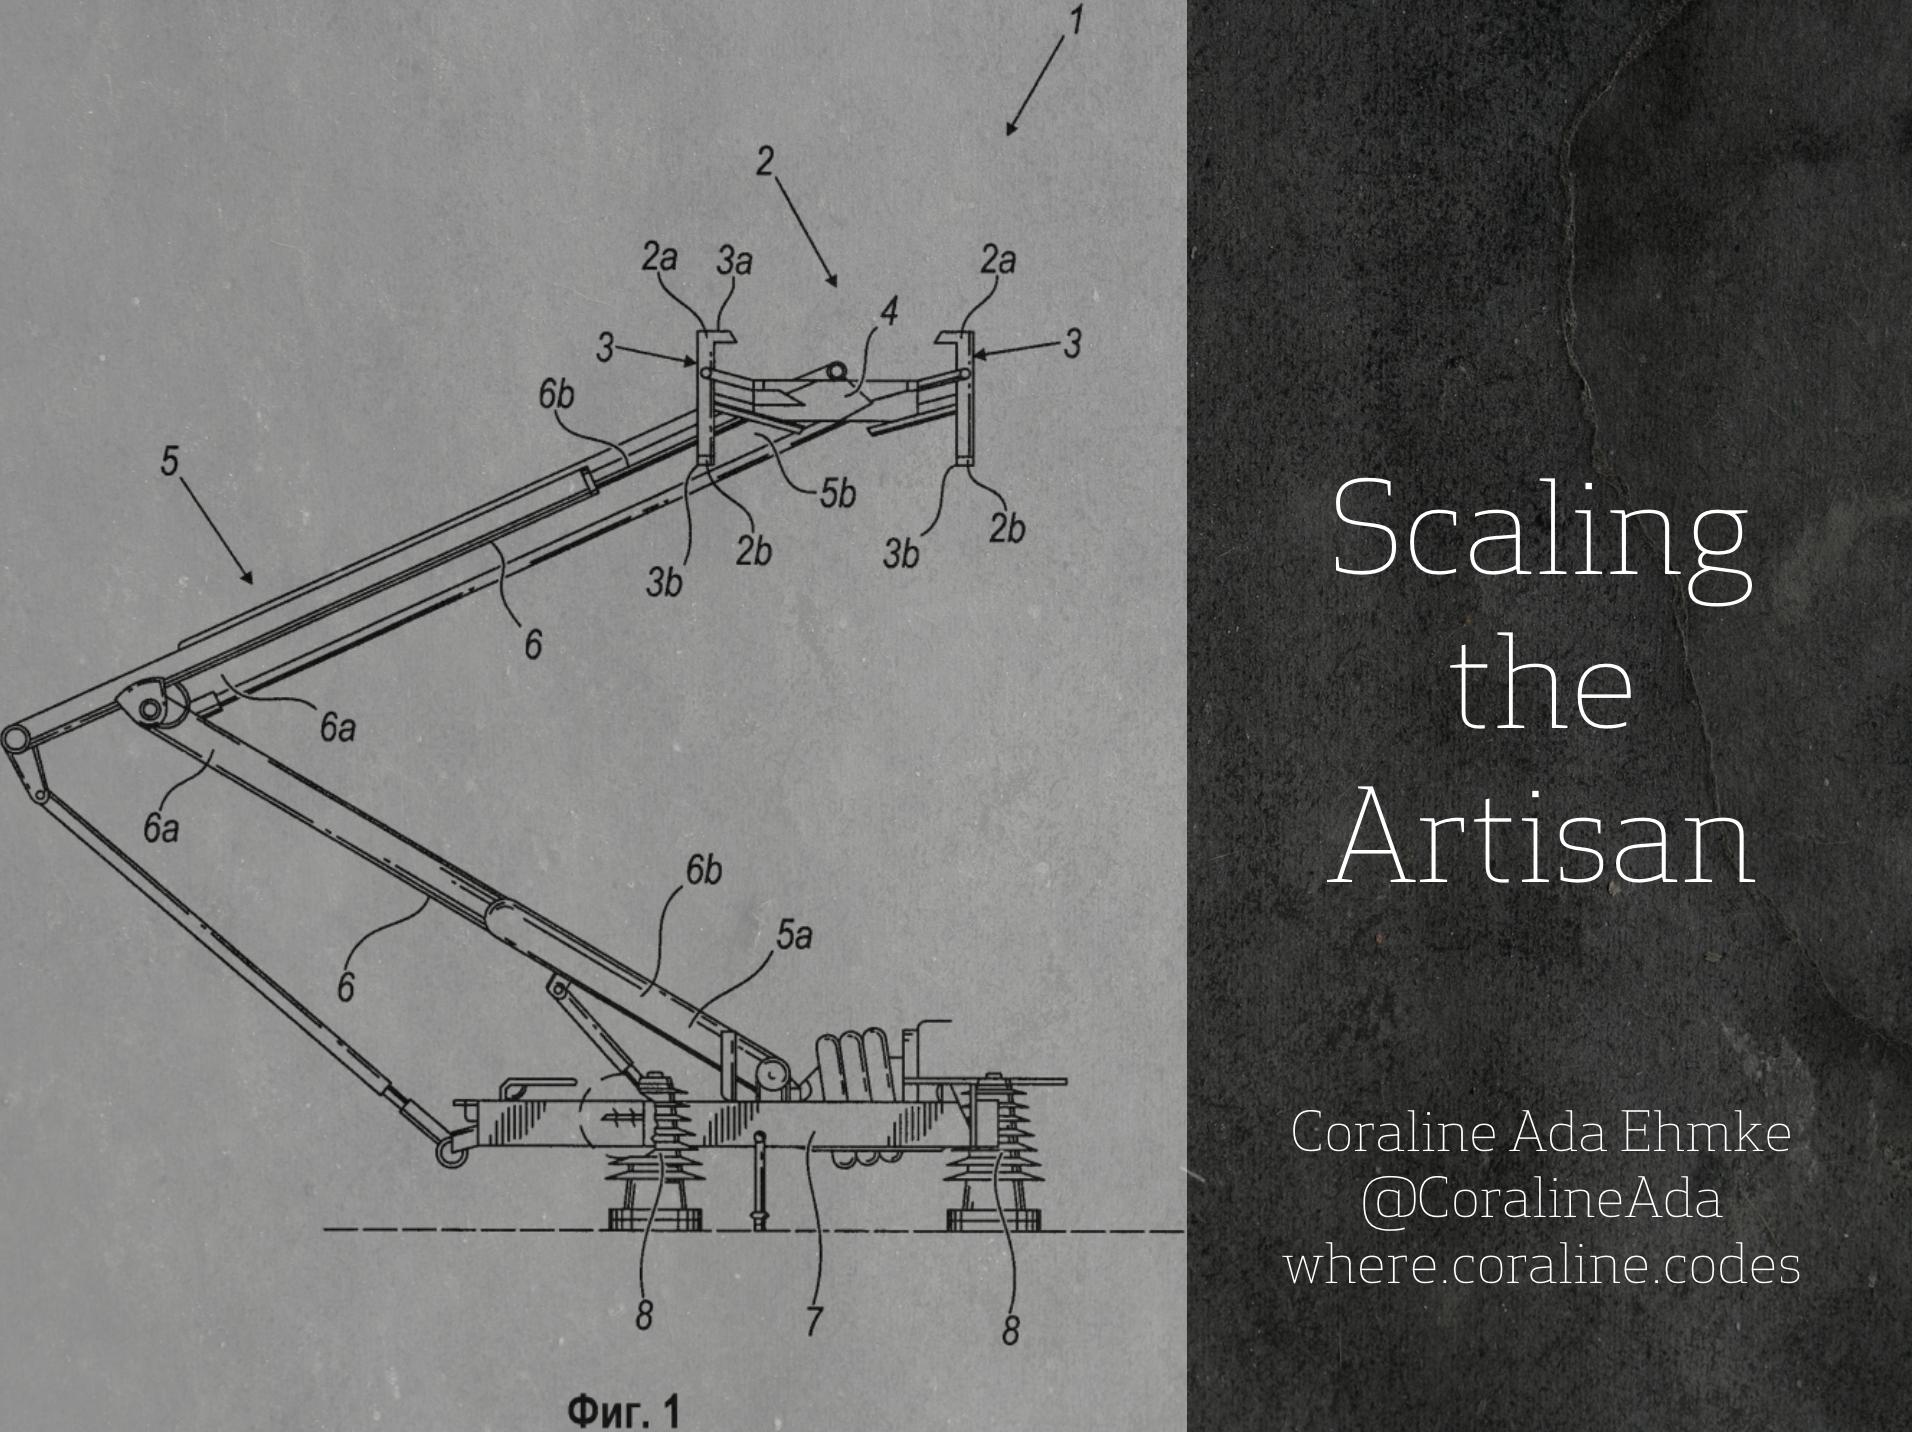 Scaling the Artisan